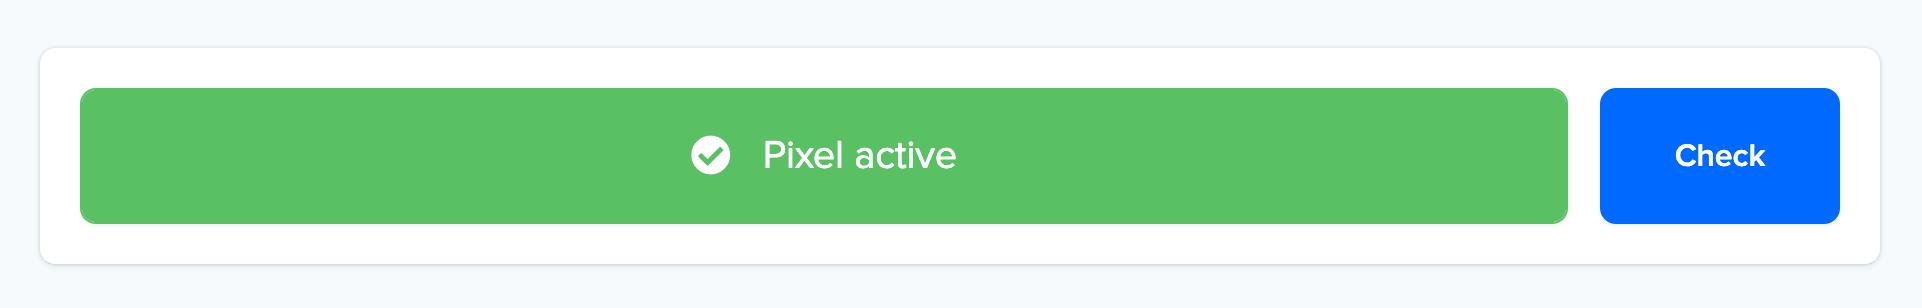 pixel checker